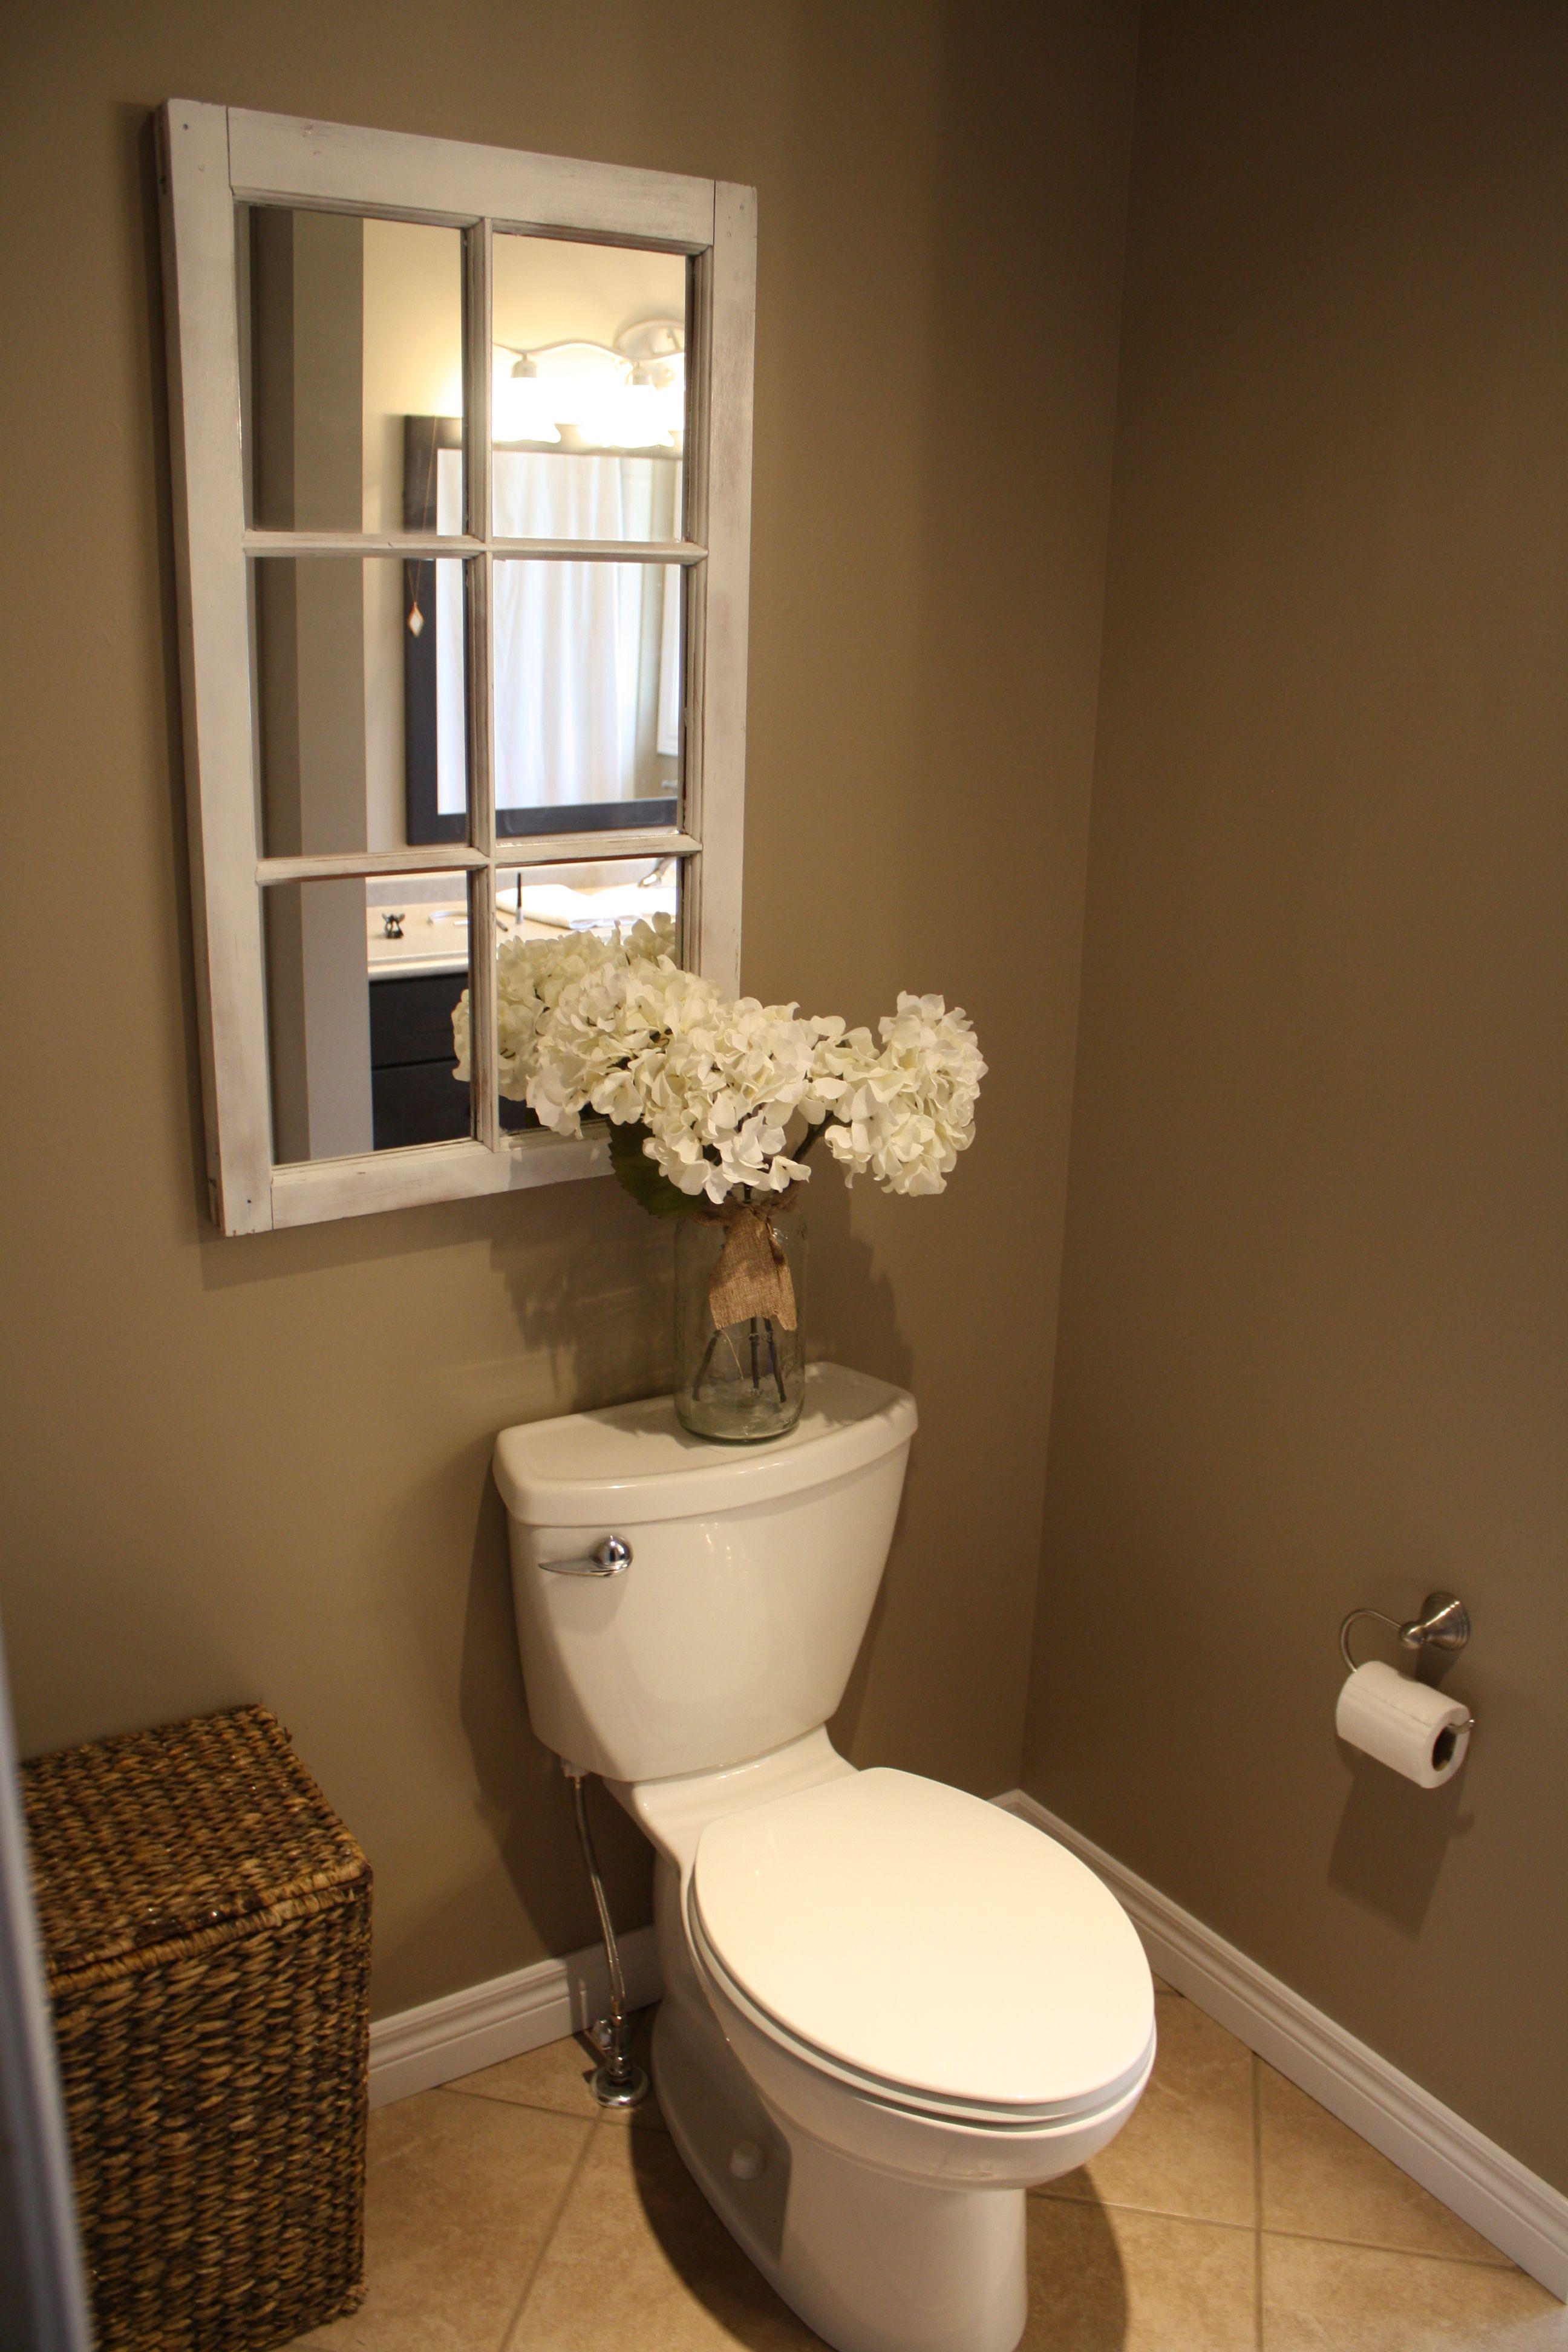 Country Bathroom Decor Hydrangeas In A Jar Old Window Mirror